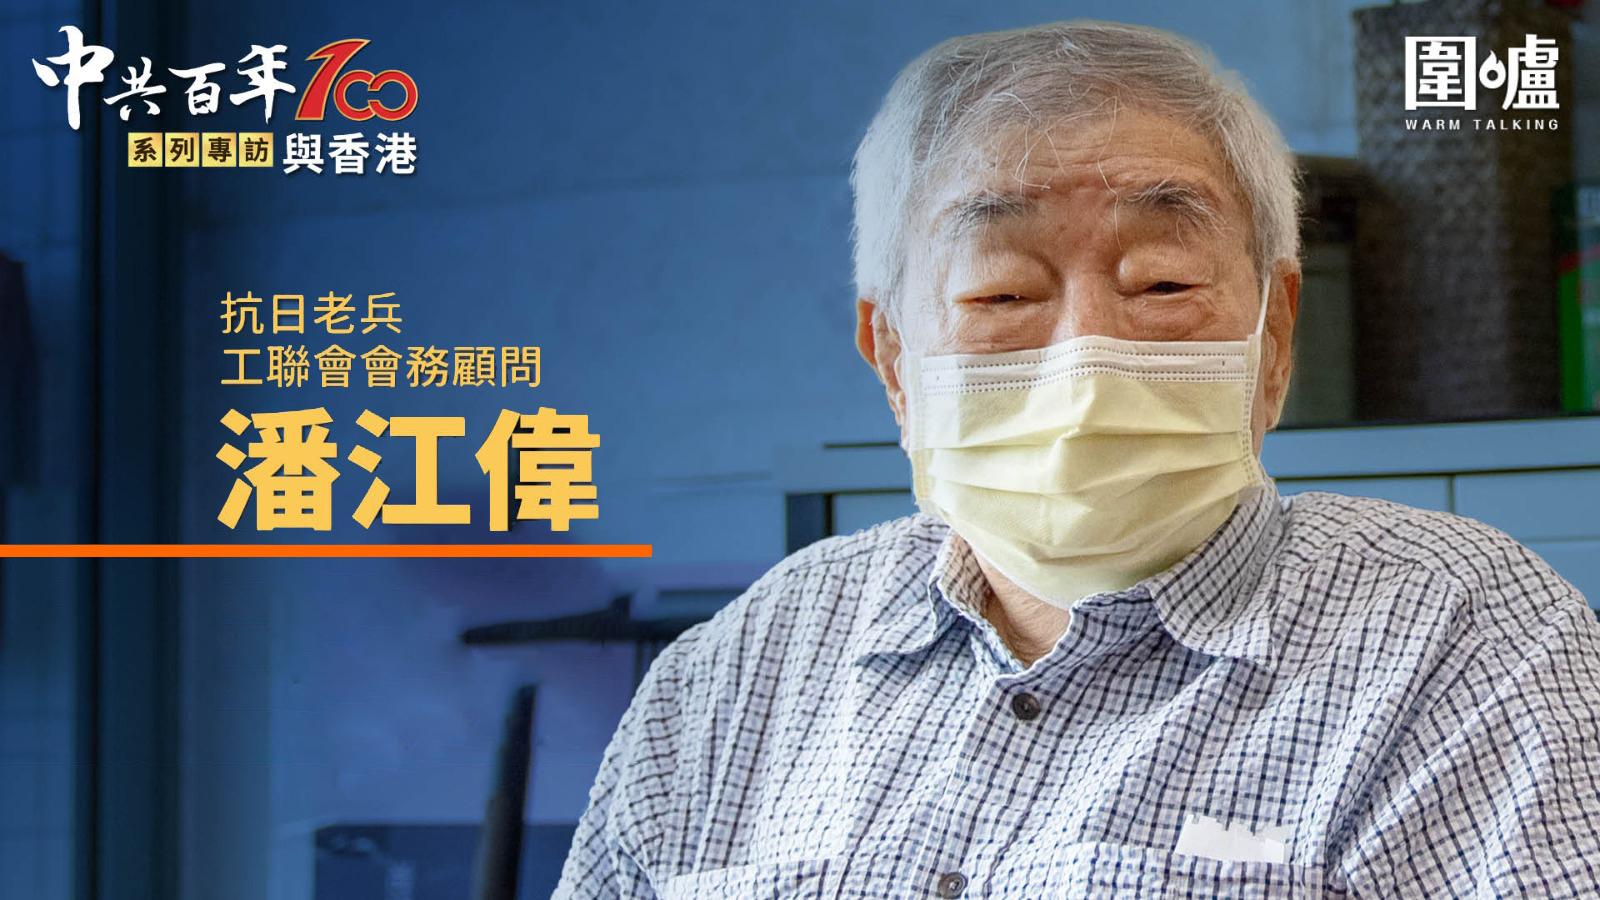 【專訪】潘江偉:抗日作戰場面歷歷在目 身為中國人有責任保護國家